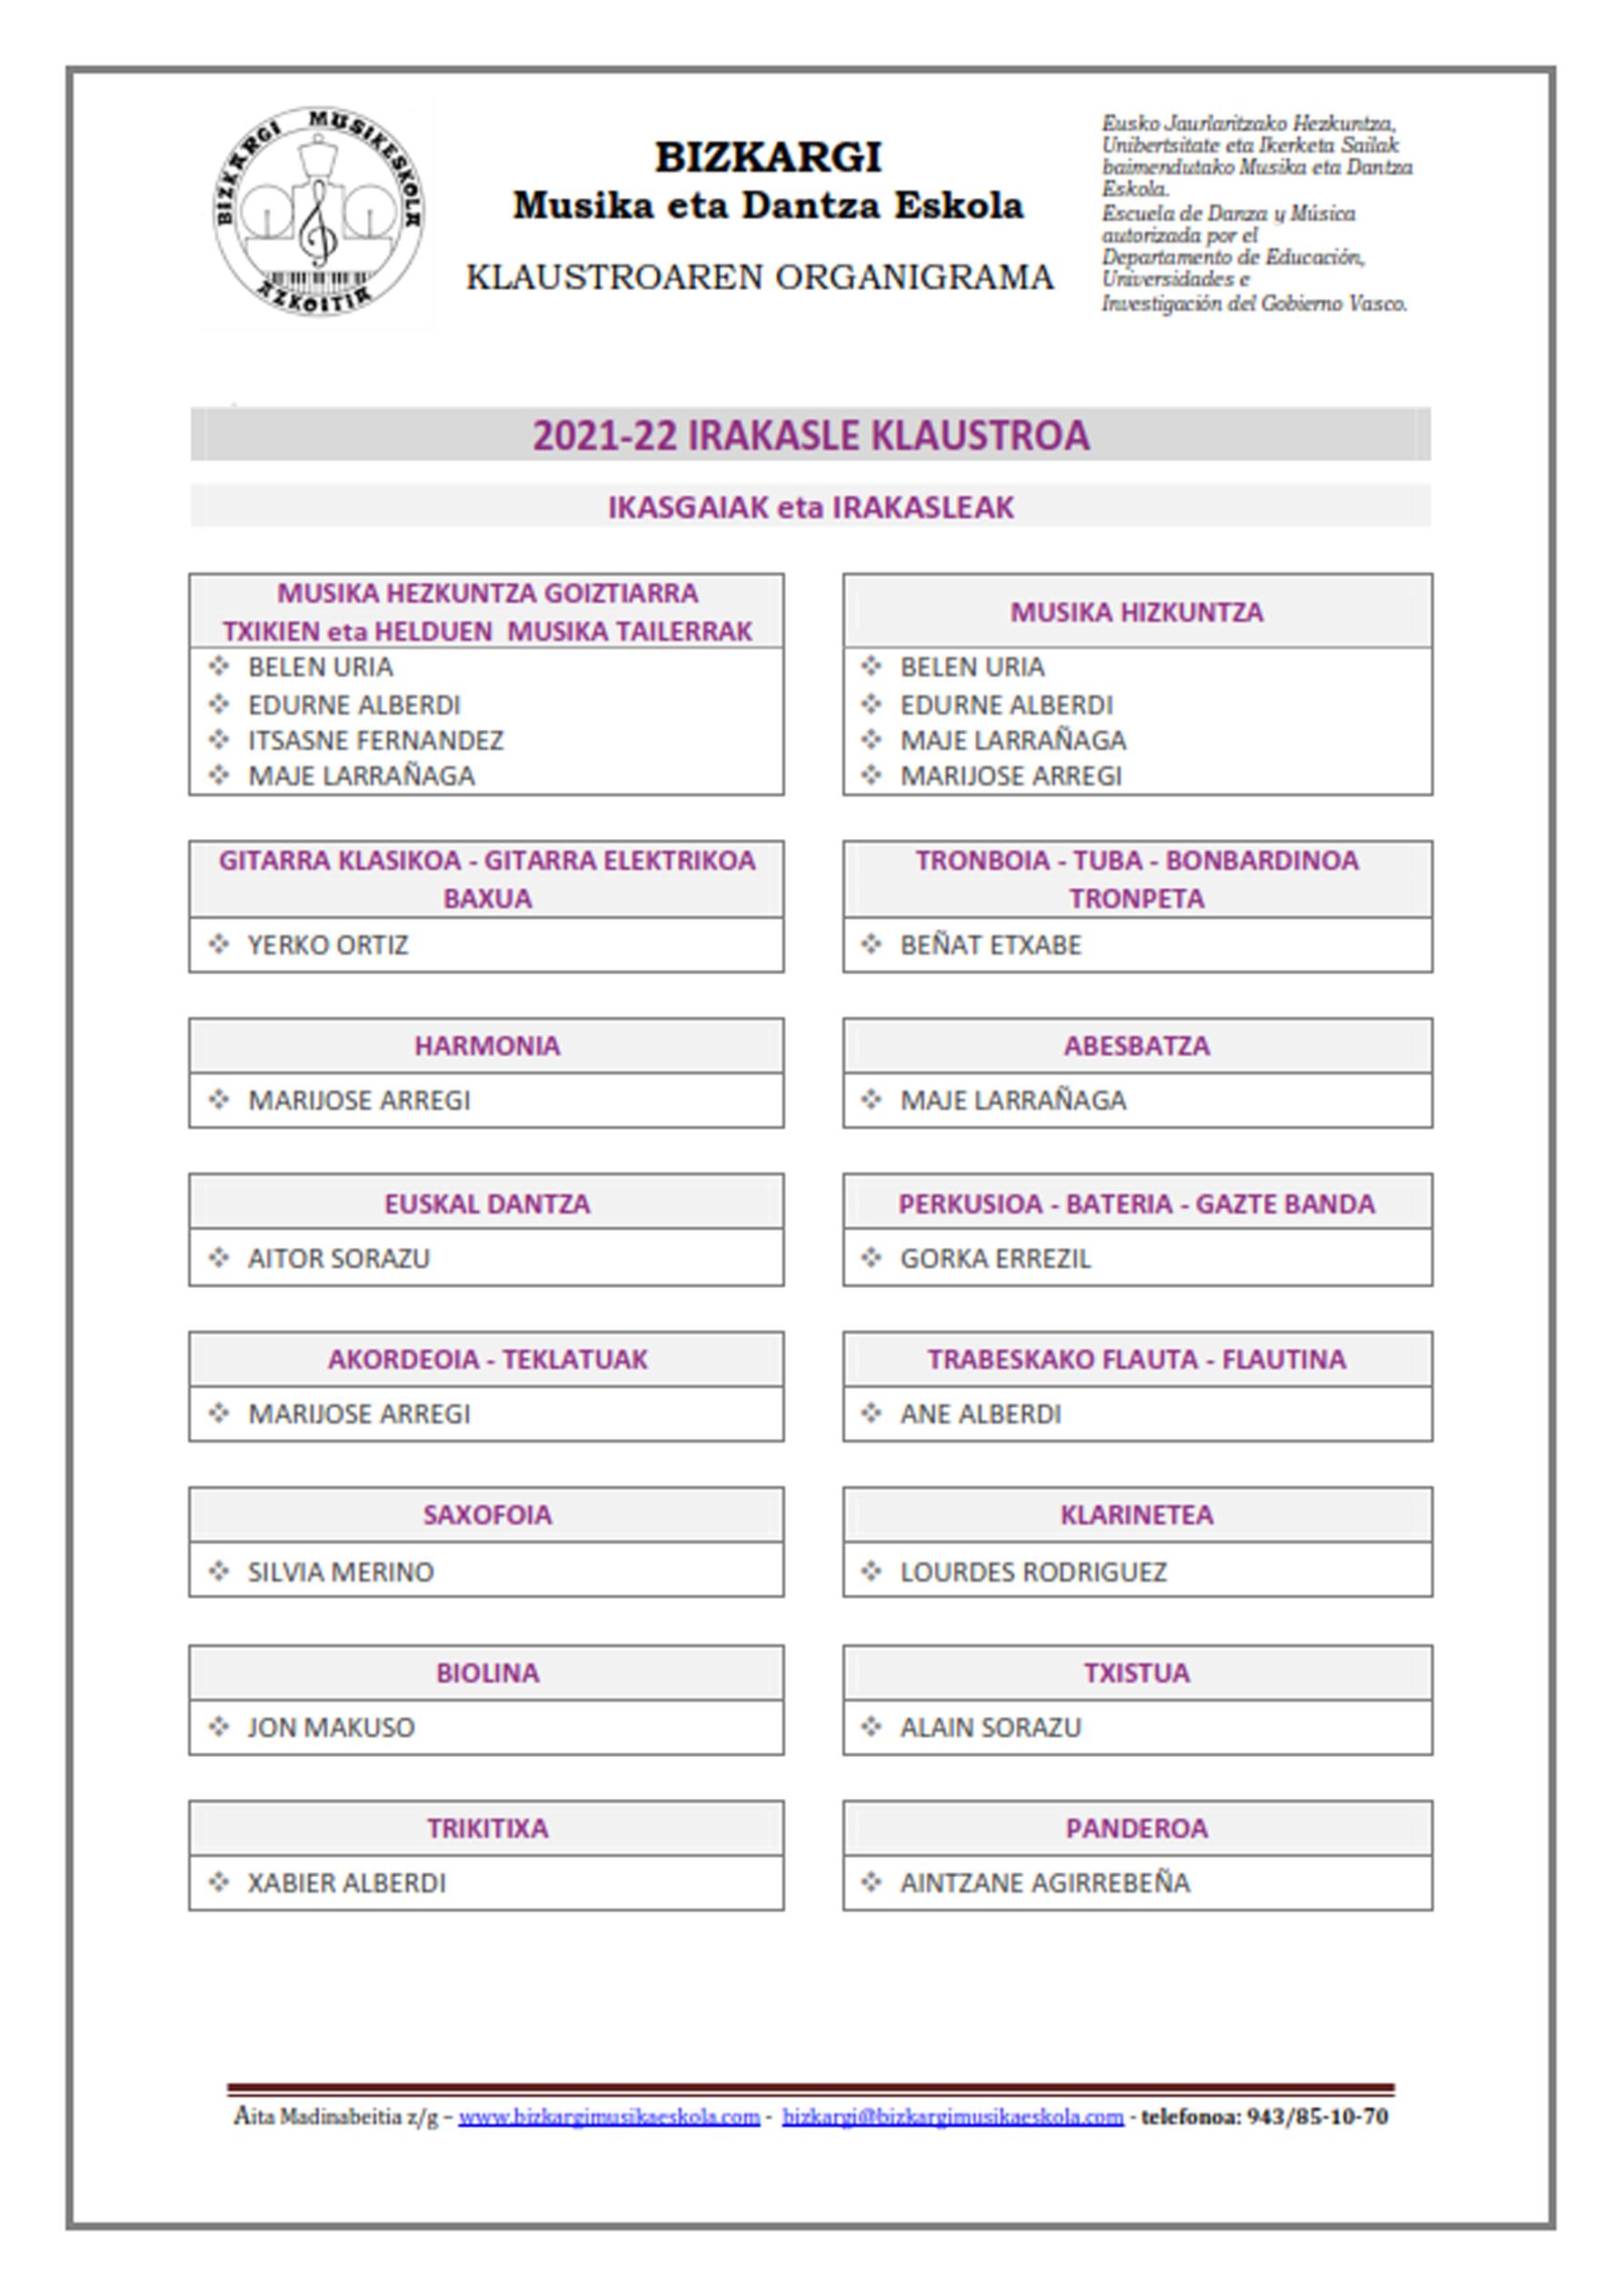 20-21-IRAKASLEAK-organigrama